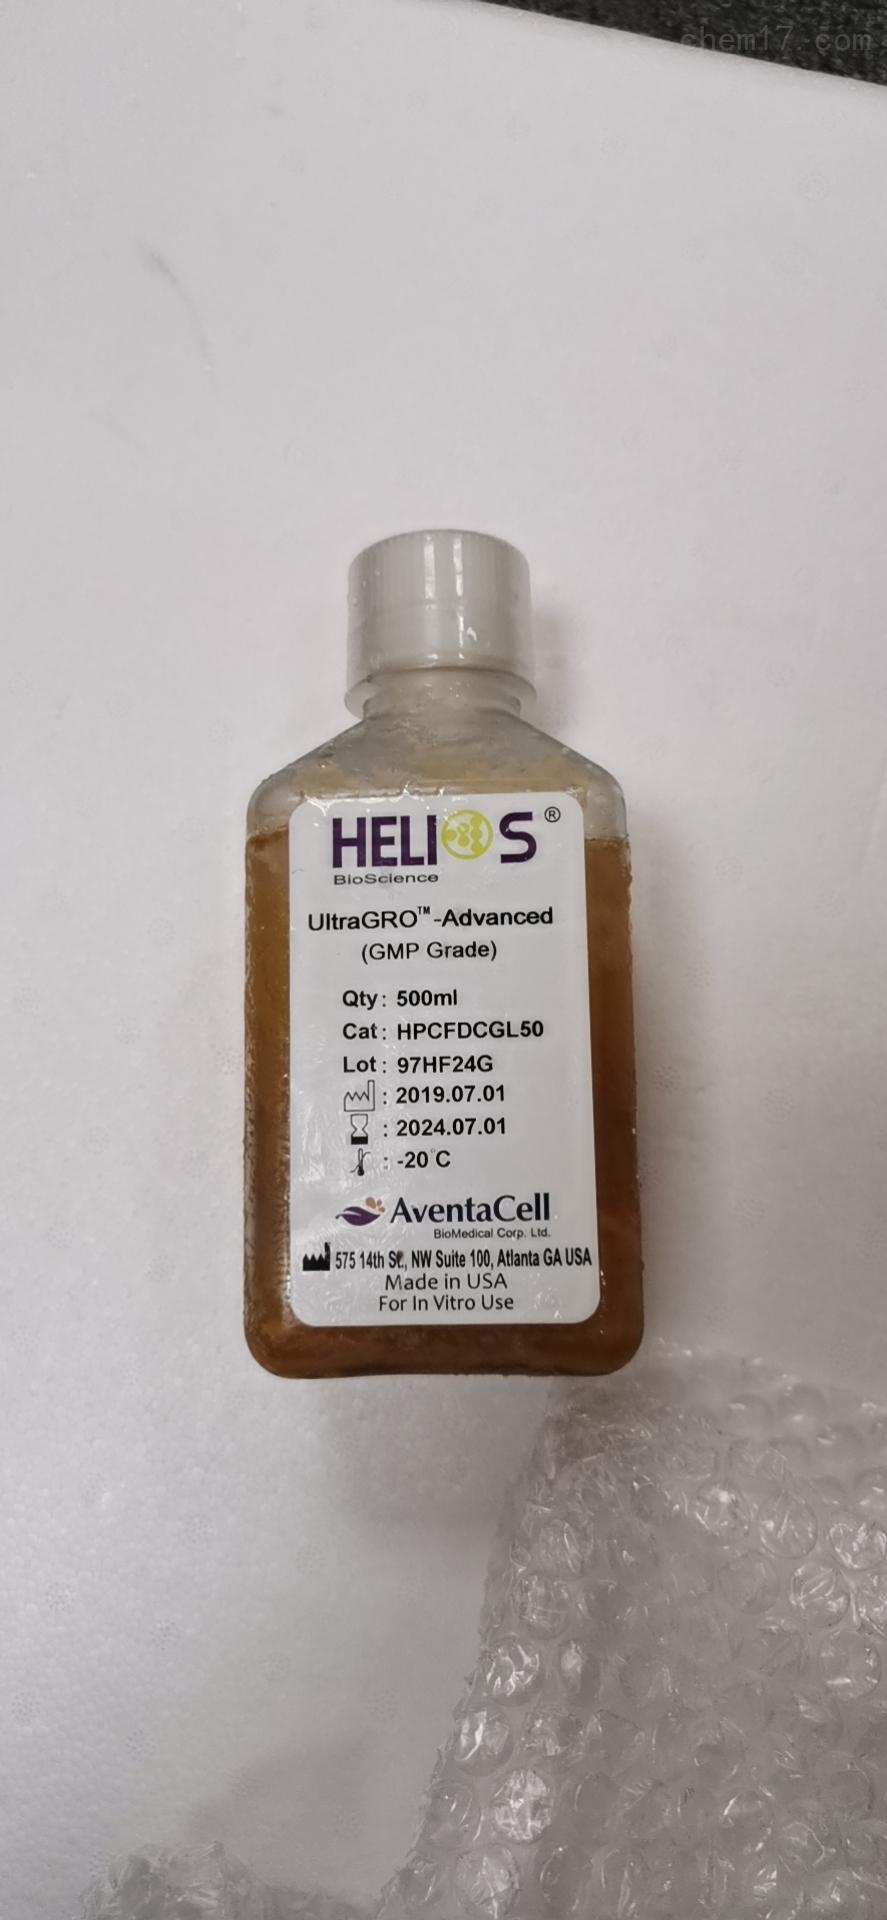 UltraGROTM Advanced,(GMP Grade)- HPCFDCGL50